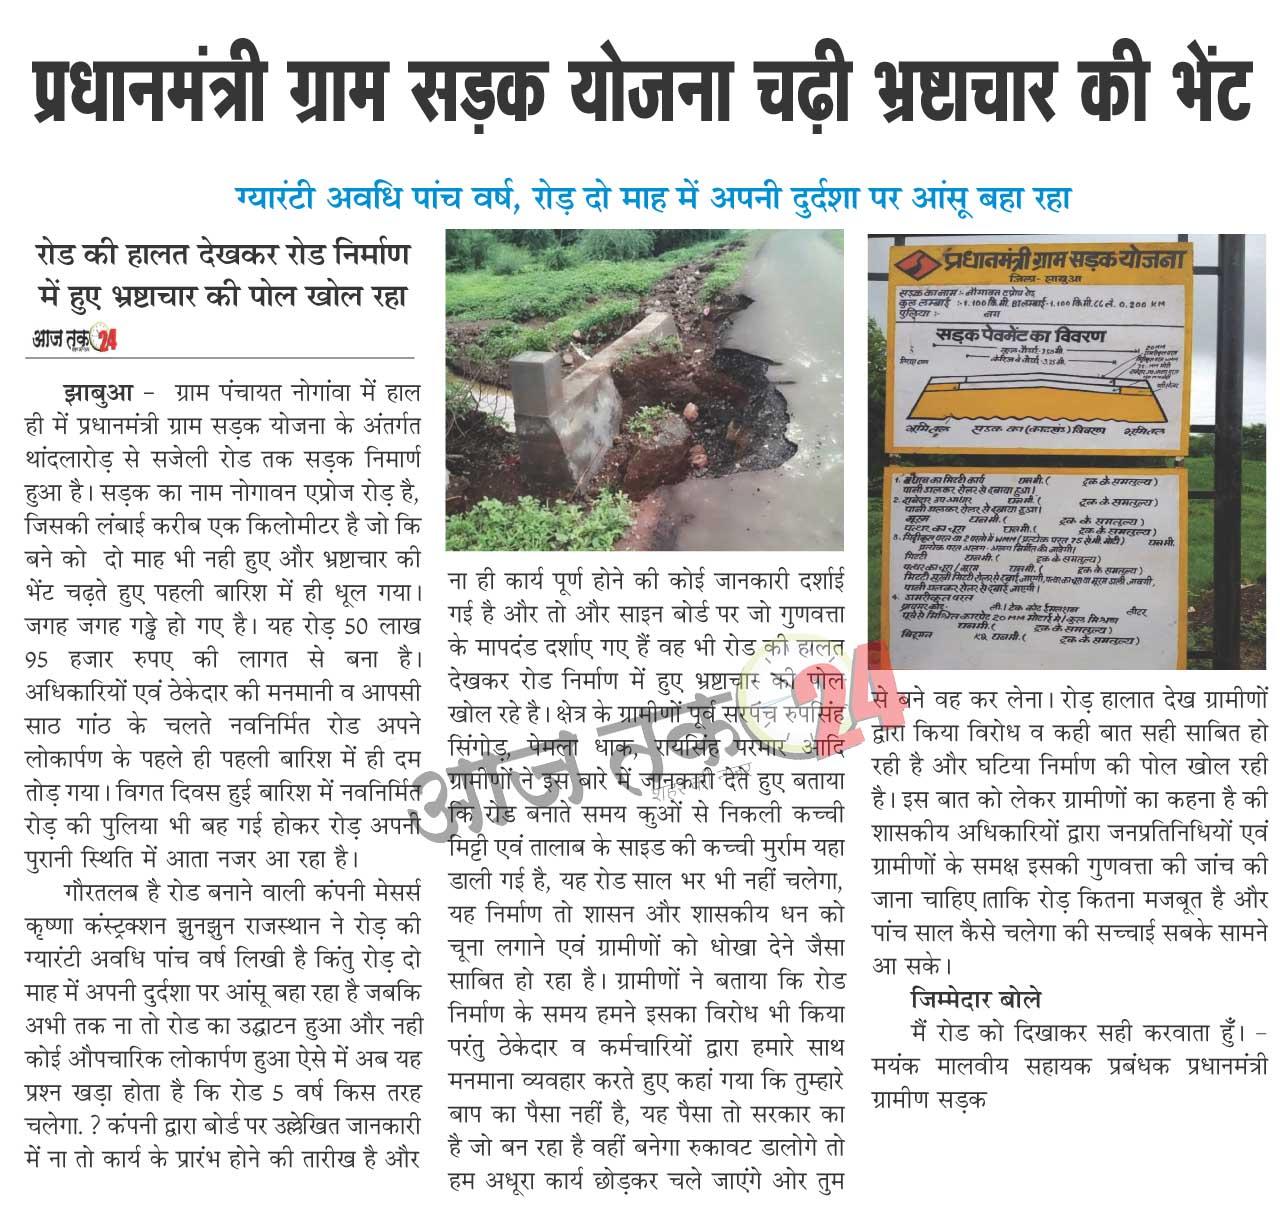 प्रधानमंत्री ग्राम सड़क योजना चढ़ी भ्रष्टाचार की भेंट   | pradhanmantri gram sadak yojna chada bhastachar ki bhet